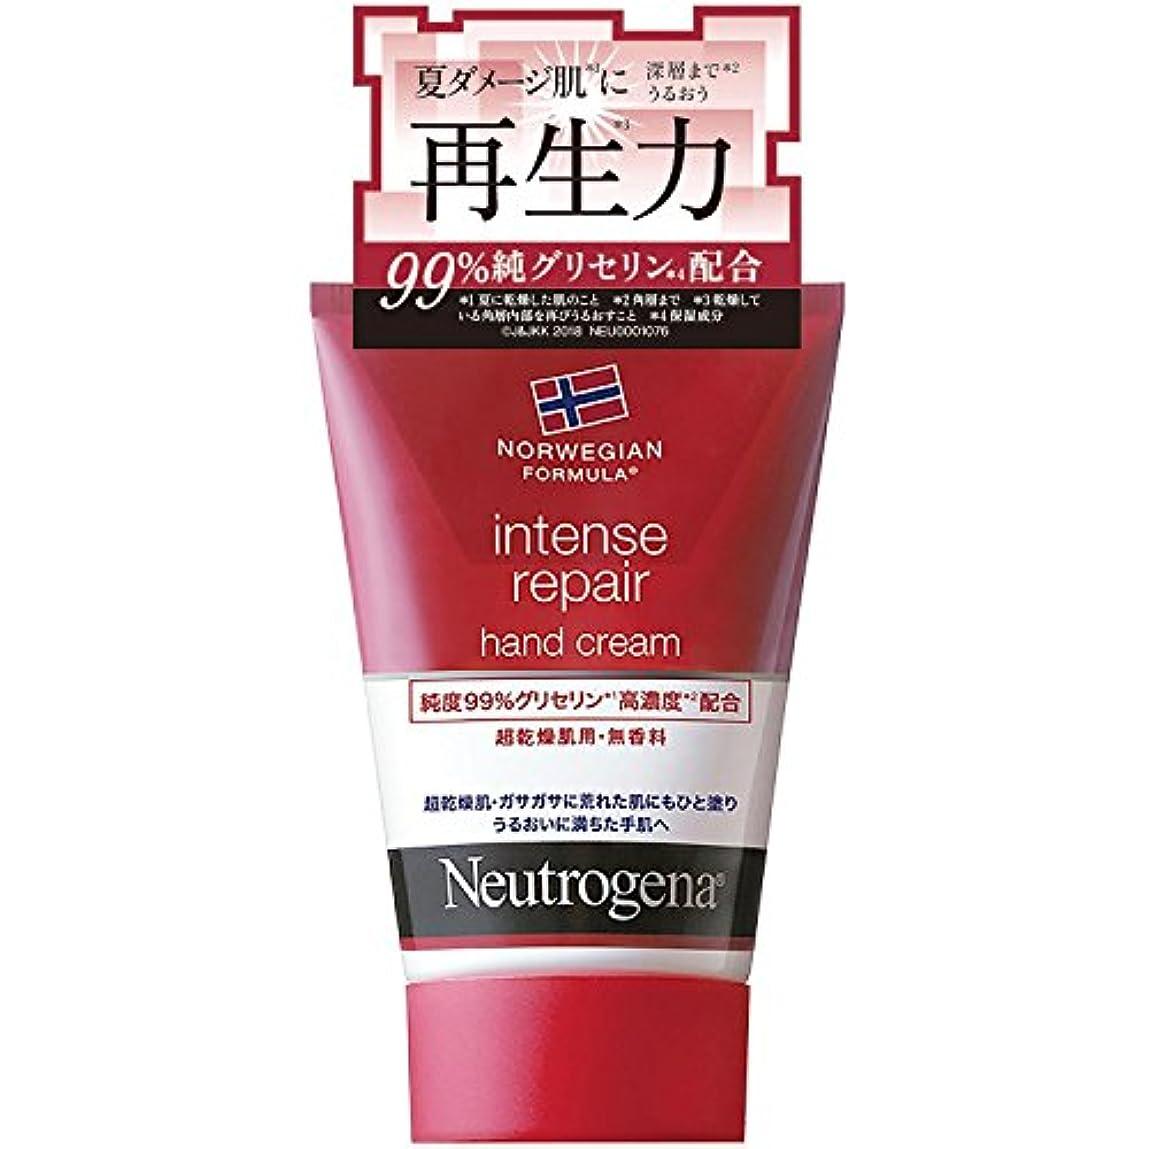 ケーブルカーあいさつ面Neutrogena(ニュートロジーナ) ノルウェーフォーミュラ インテンスリペア ハンドクリーム 超乾燥肌用 無香料 単品 50g